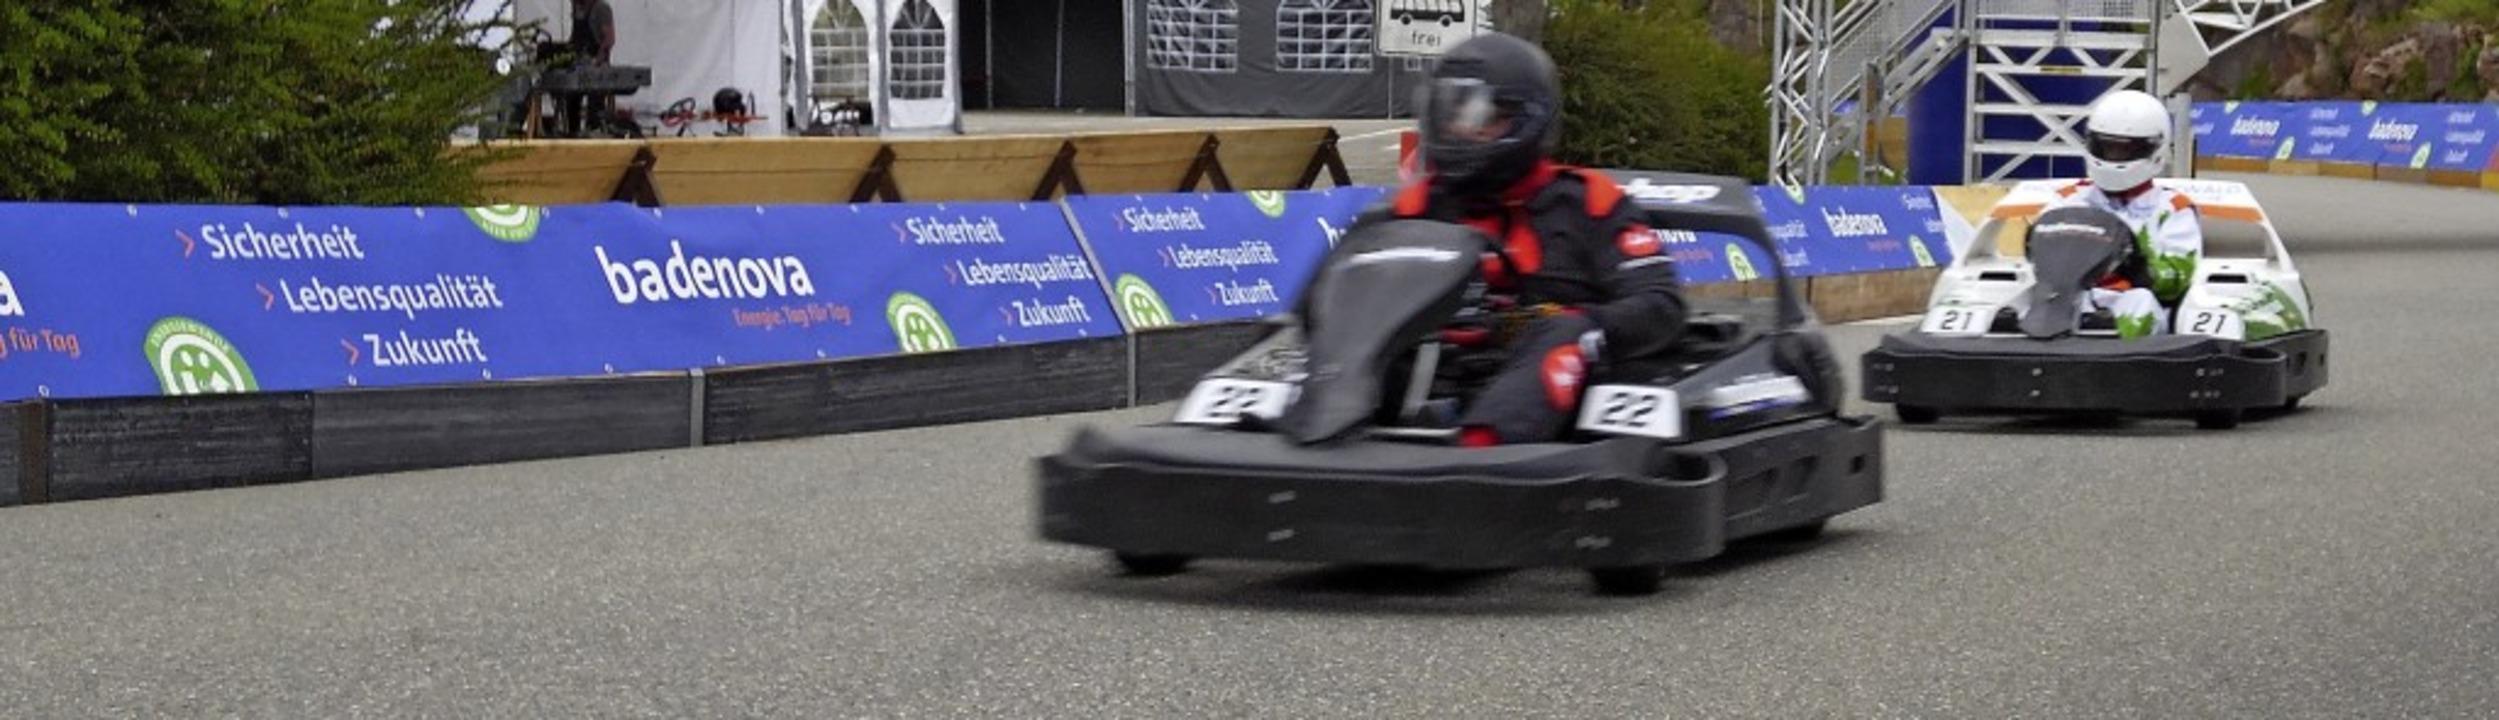 Knappe Rennen hätte das Publikum auf der Strecke verfolgen können.   | Foto: Silas Schwab